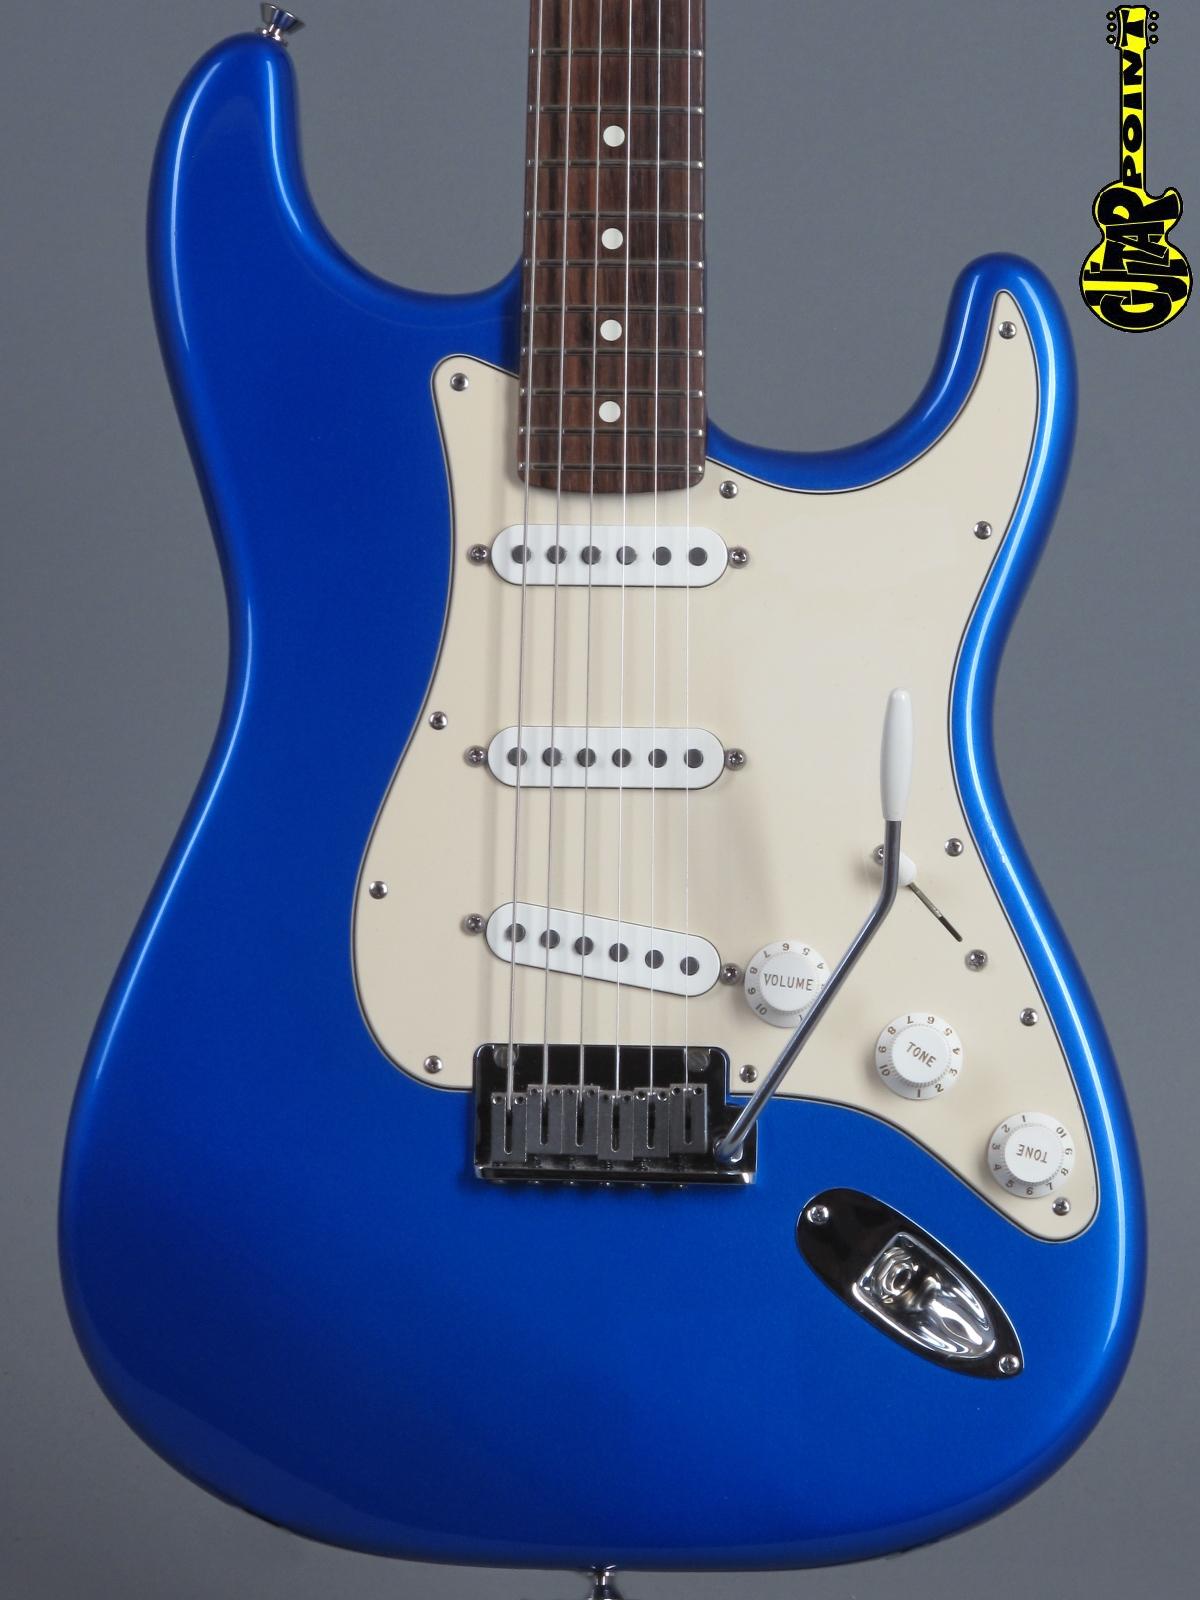 2004 fender american standard stratocaster blue metallic vi04festrchrbluez4213937. Black Bedroom Furniture Sets. Home Design Ideas